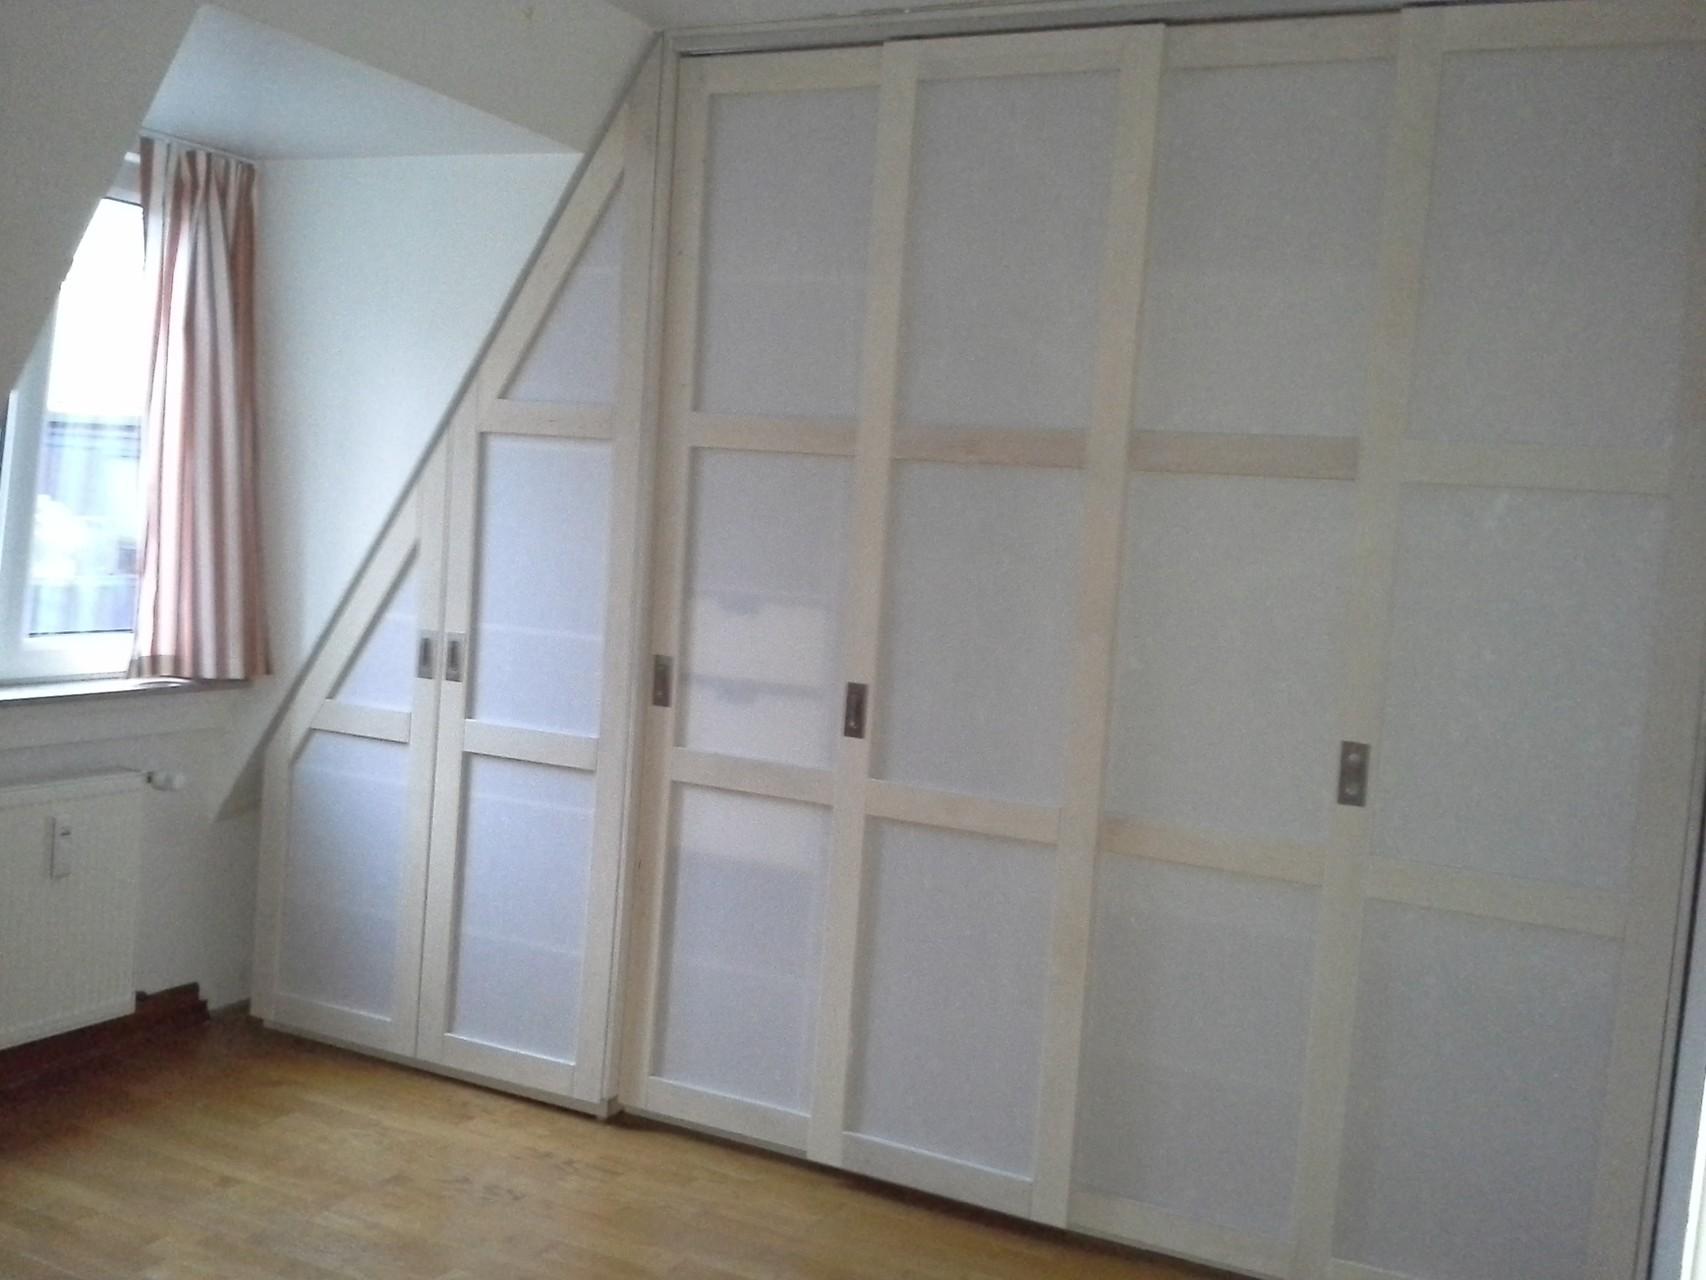 Rahmenholz weiß und japan. Papier , Schiebetüren, Einbauschrank, indiv. Schrankaufteilung